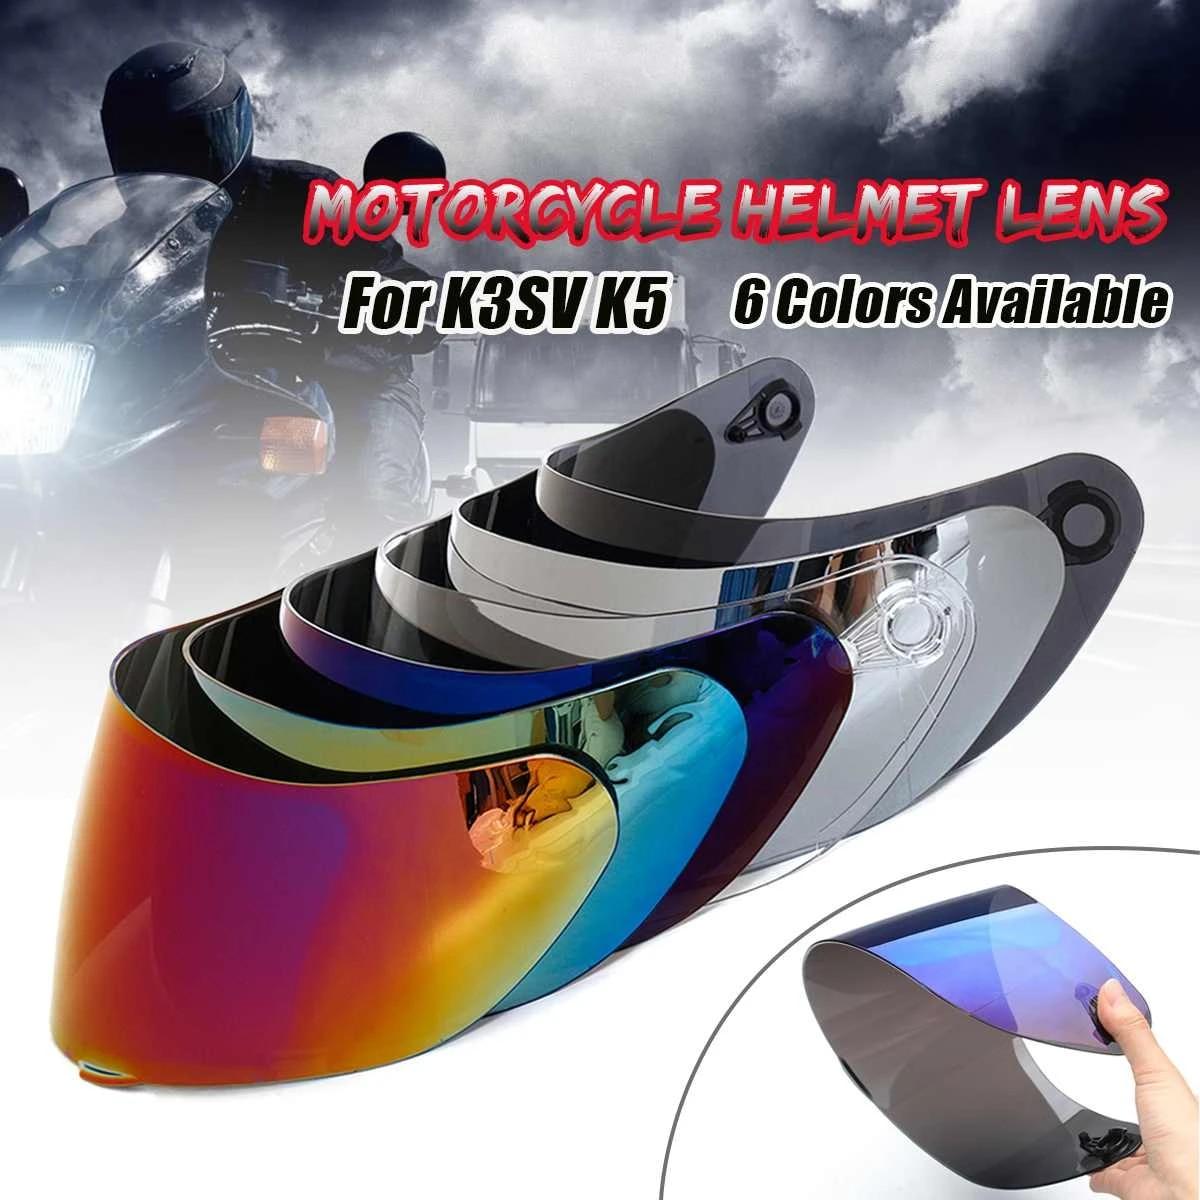 Helmet Visor For Agv K5 K3 Sv Motorcycle Helmet Shield Parts Original Glasses For Agv K3 Sv K5 Motorbike Helmet Lens Full Face Helmets Aliexpress